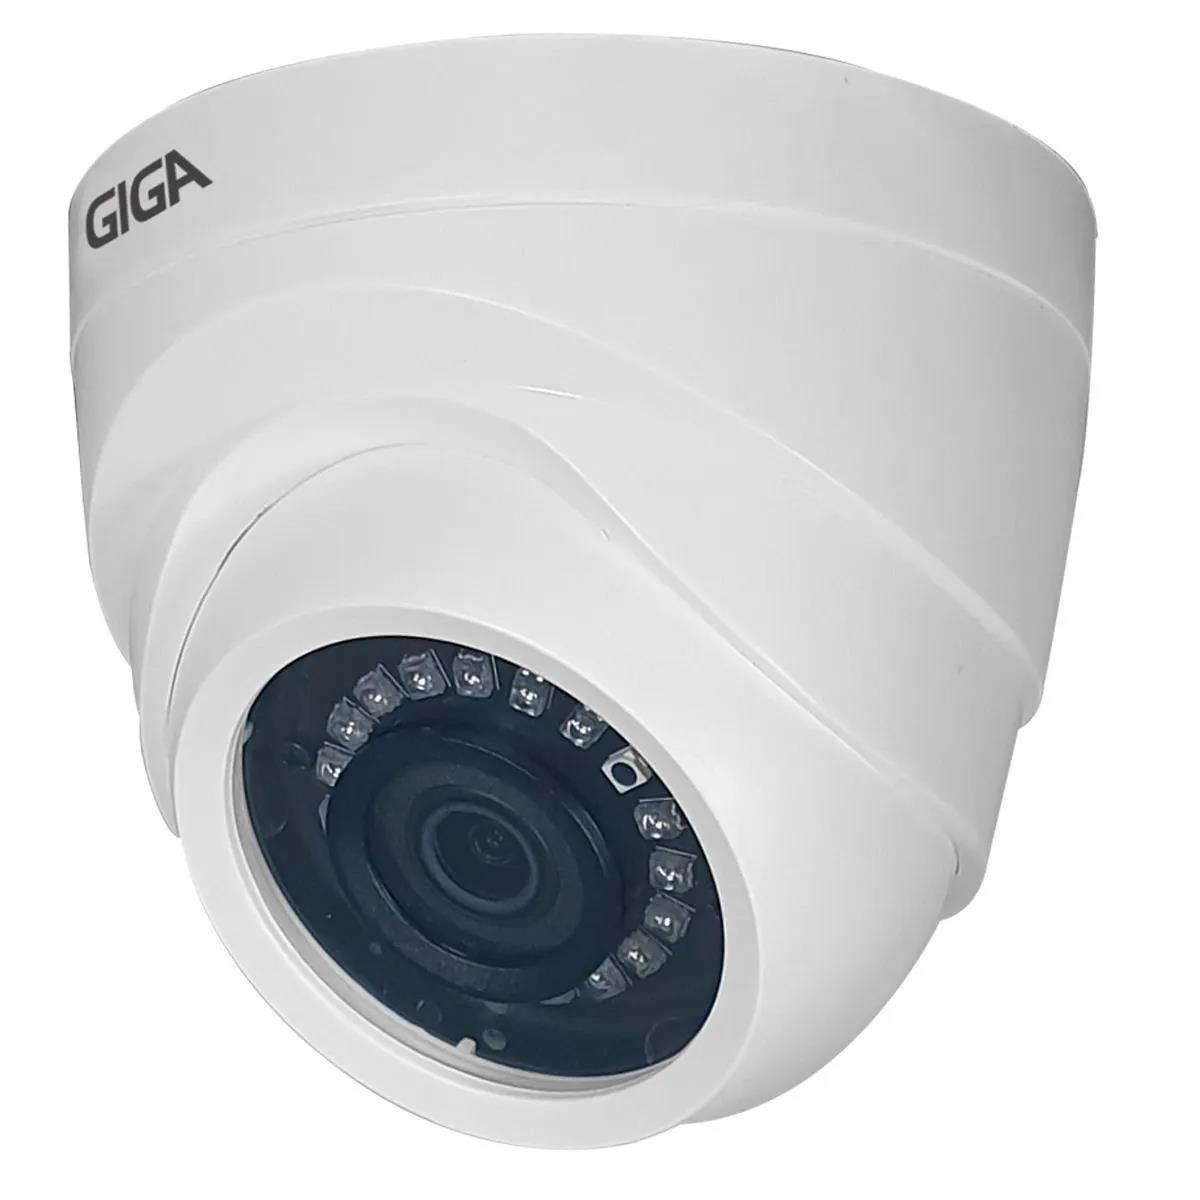 Câmera Dome Hd 720p Orion Ir 20m 1/4 3.2mm - Gs0017- Giga